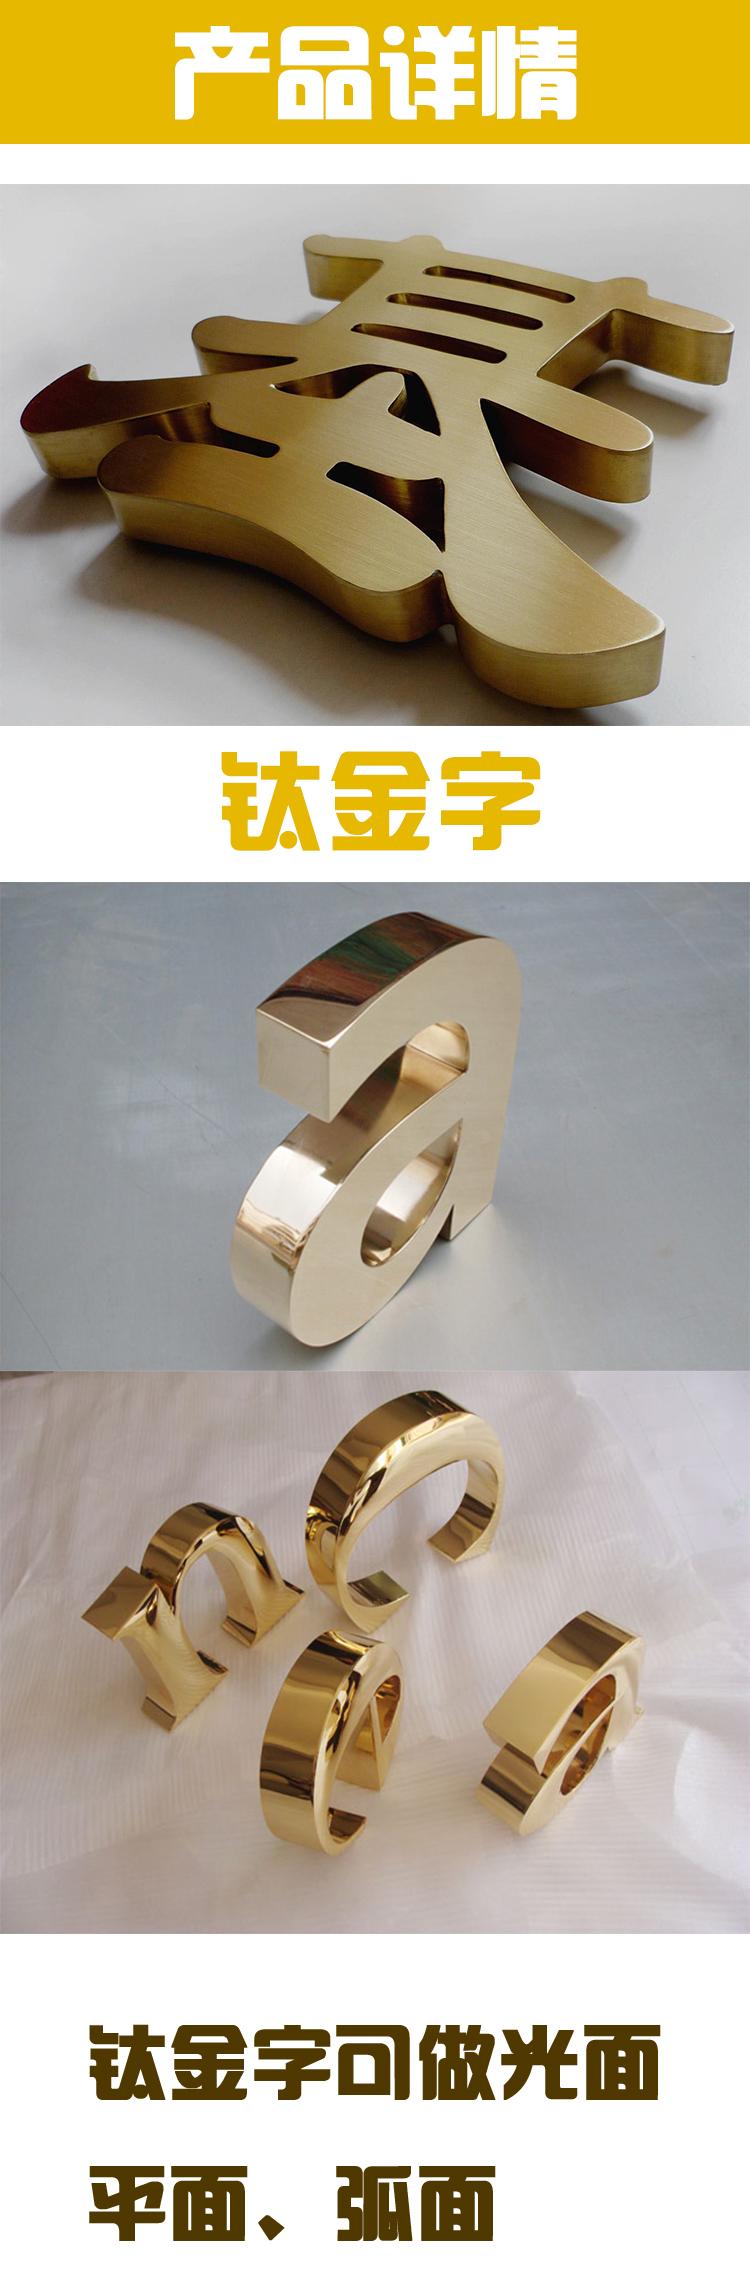 铜字  金属铜字  立体铜字